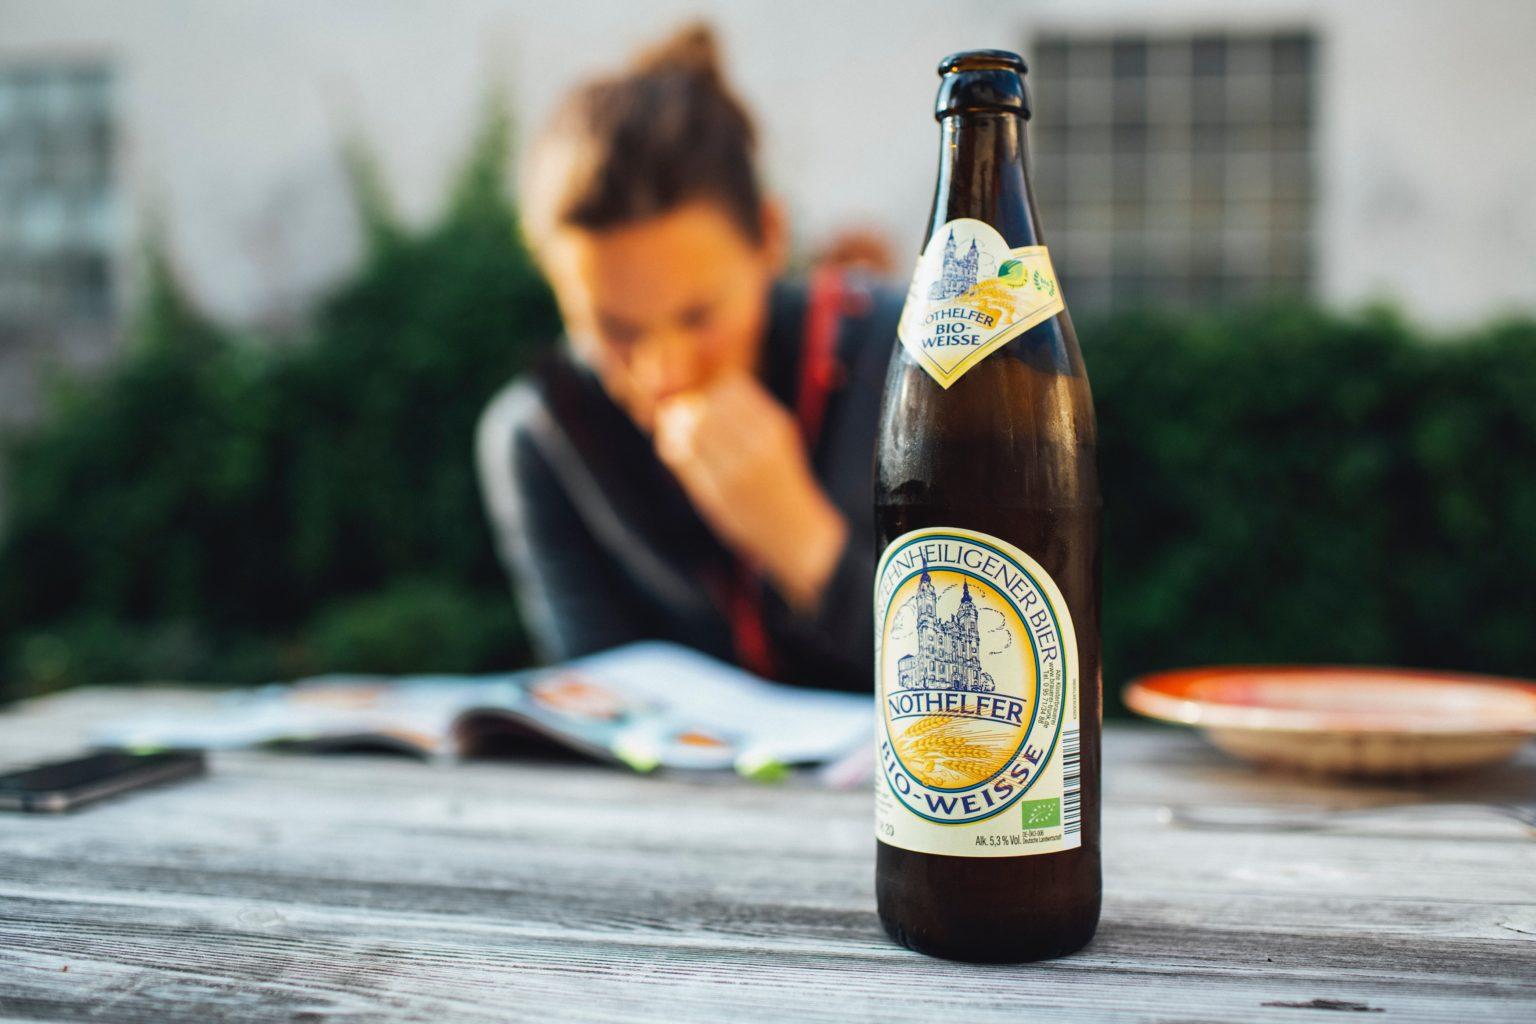 ビール女子におすすめのおしゃれなクラフトビール10選【zoom飲みに最適】